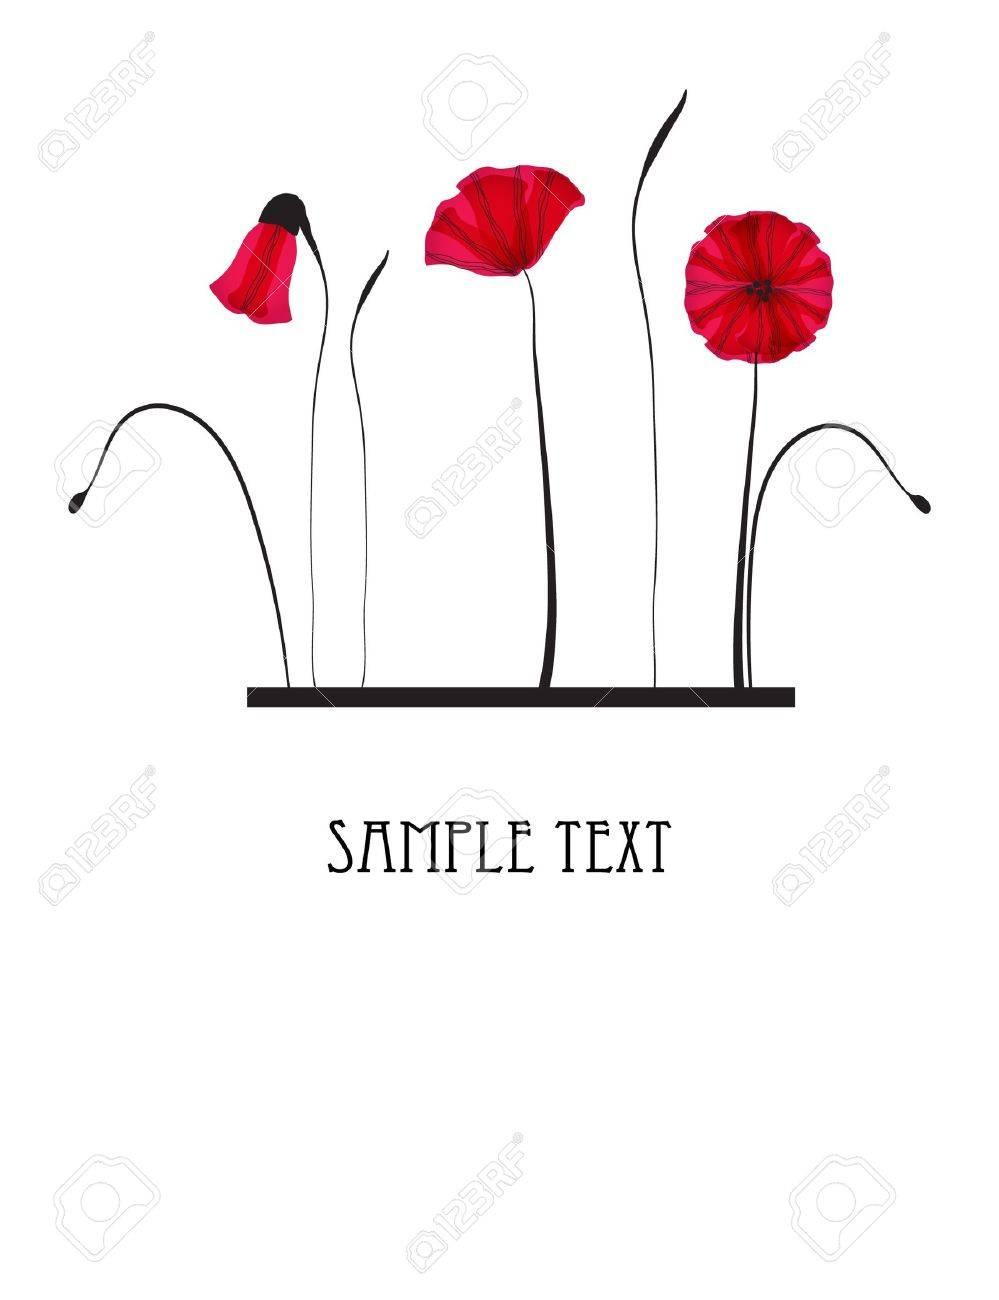 Red poppy flowers Stock Vector - 7705573